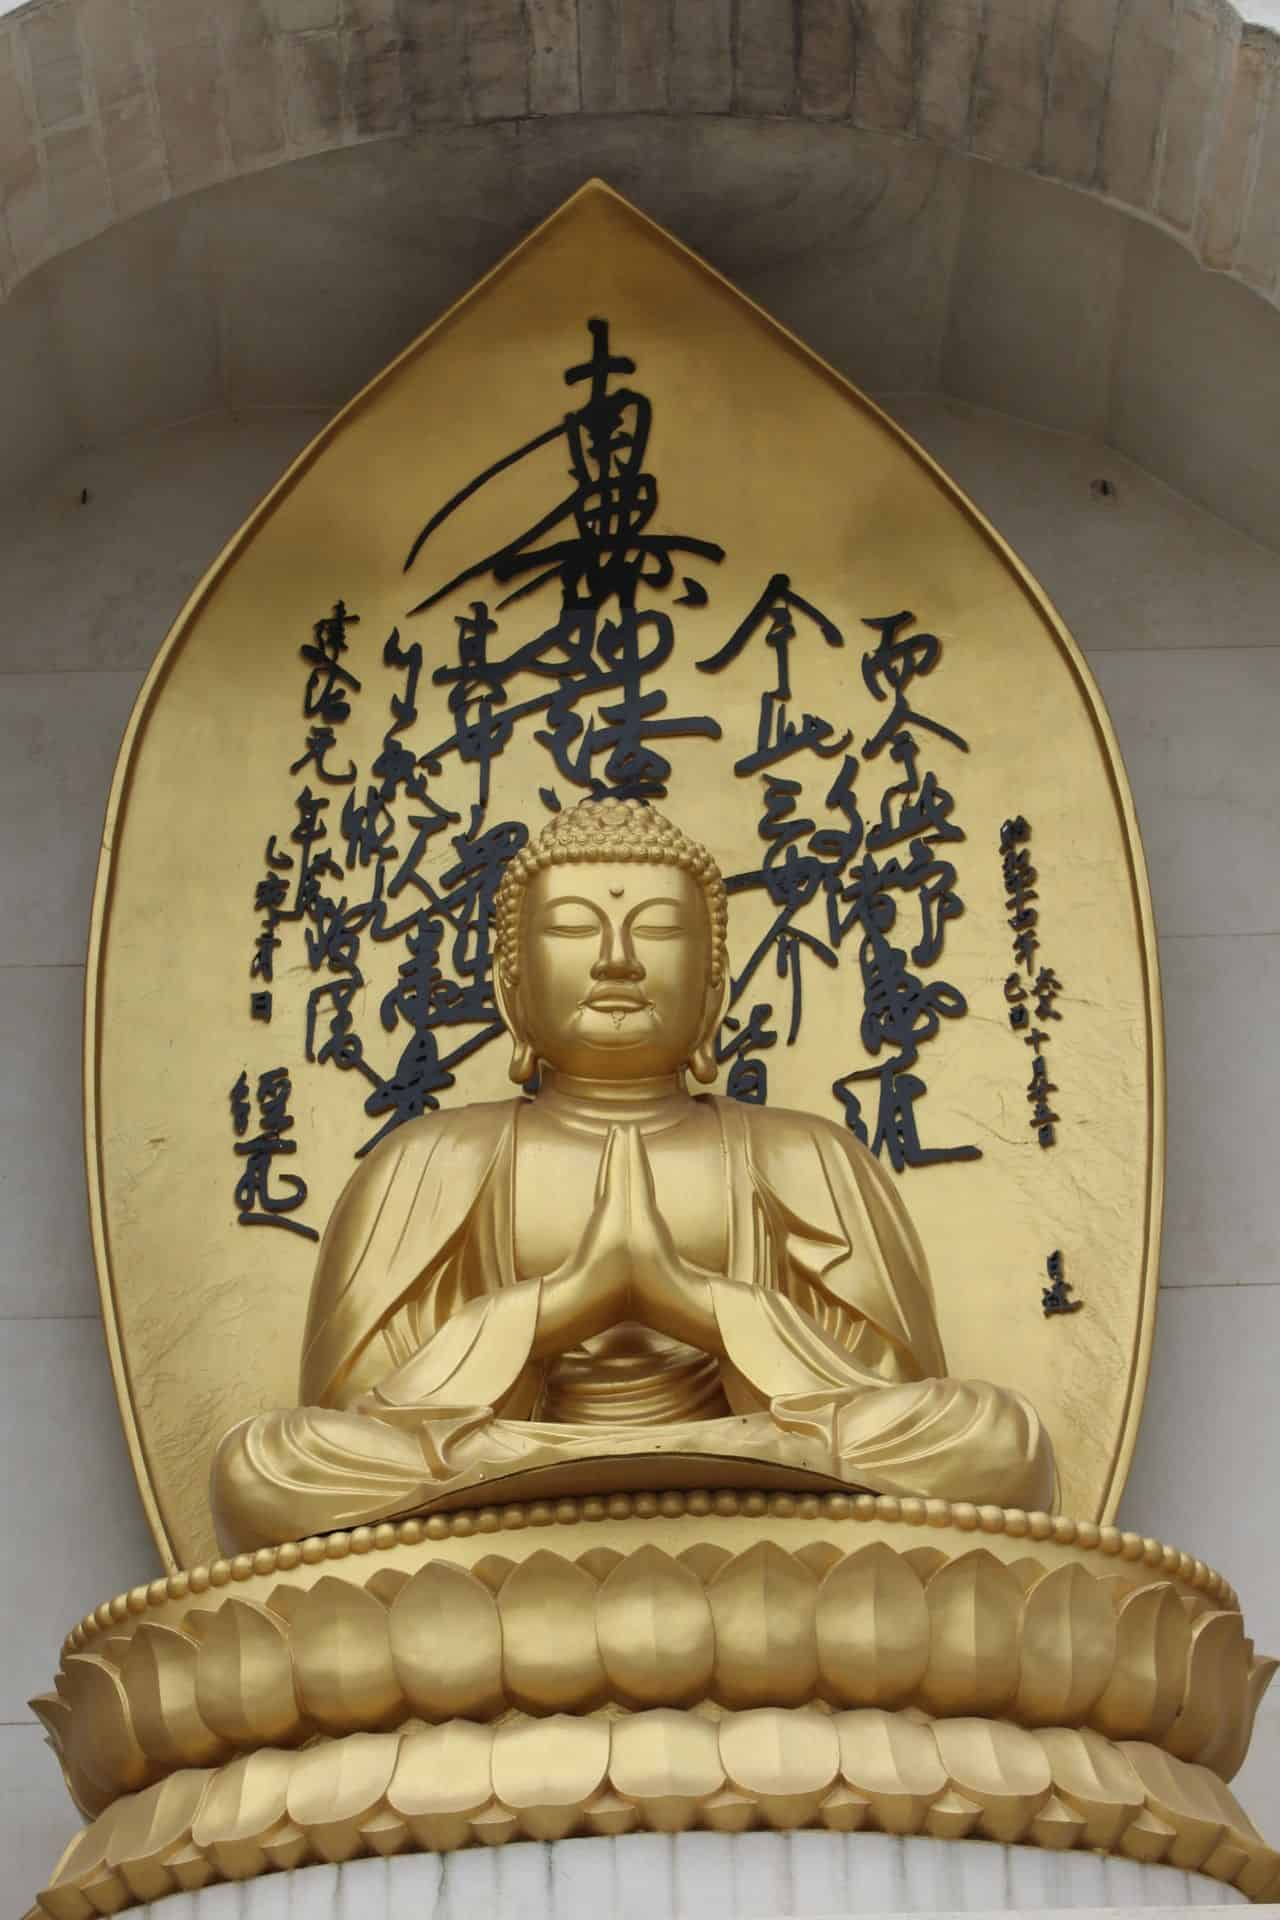 Seated praying buddha in Bihar India